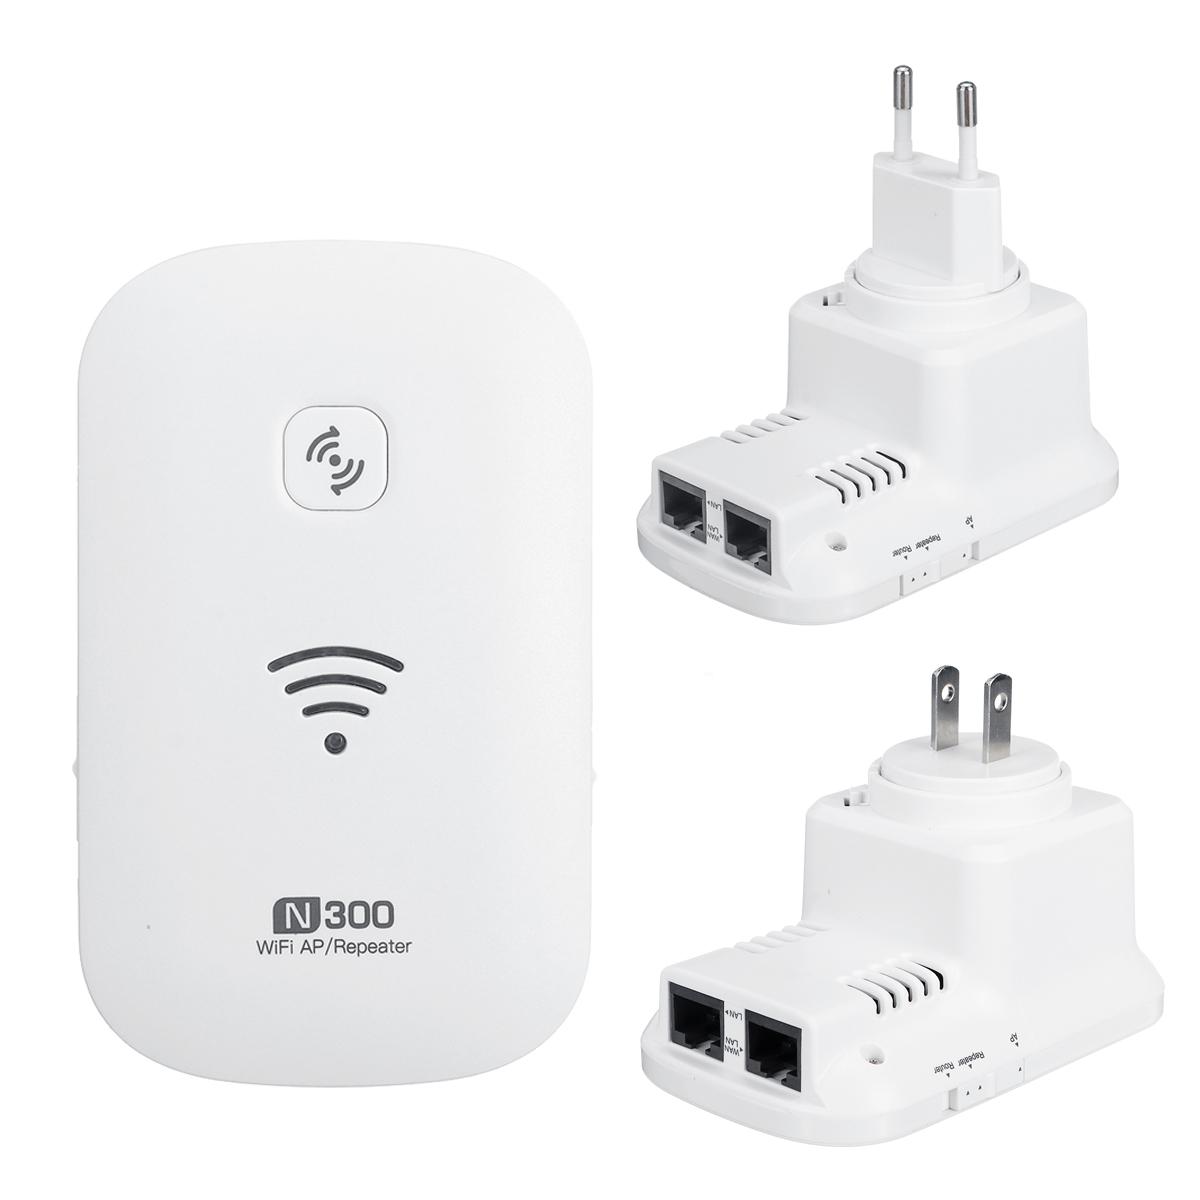 Повторитель Wi-Fi 300 Мбит / с 802.11N Повторитель Wi-Fi Маршрутизатор расширителя Wi-Fi Маршрутизация AP Повторитель Режимы работы